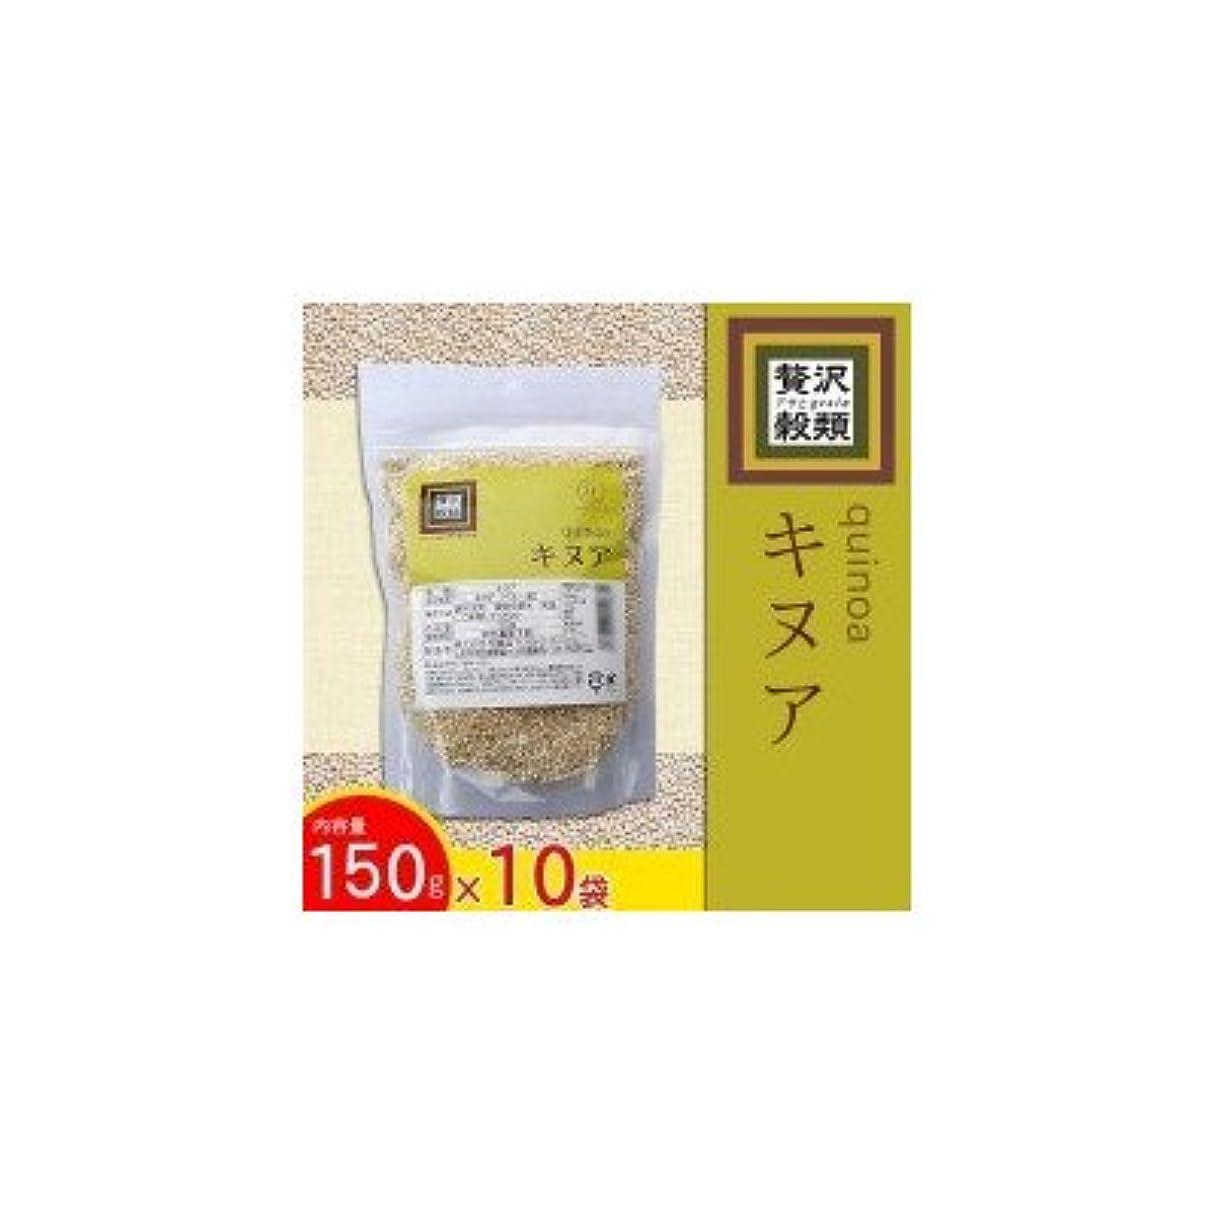 連鎖サーマル不規則な贅沢穀類 キヌア 150g×10袋